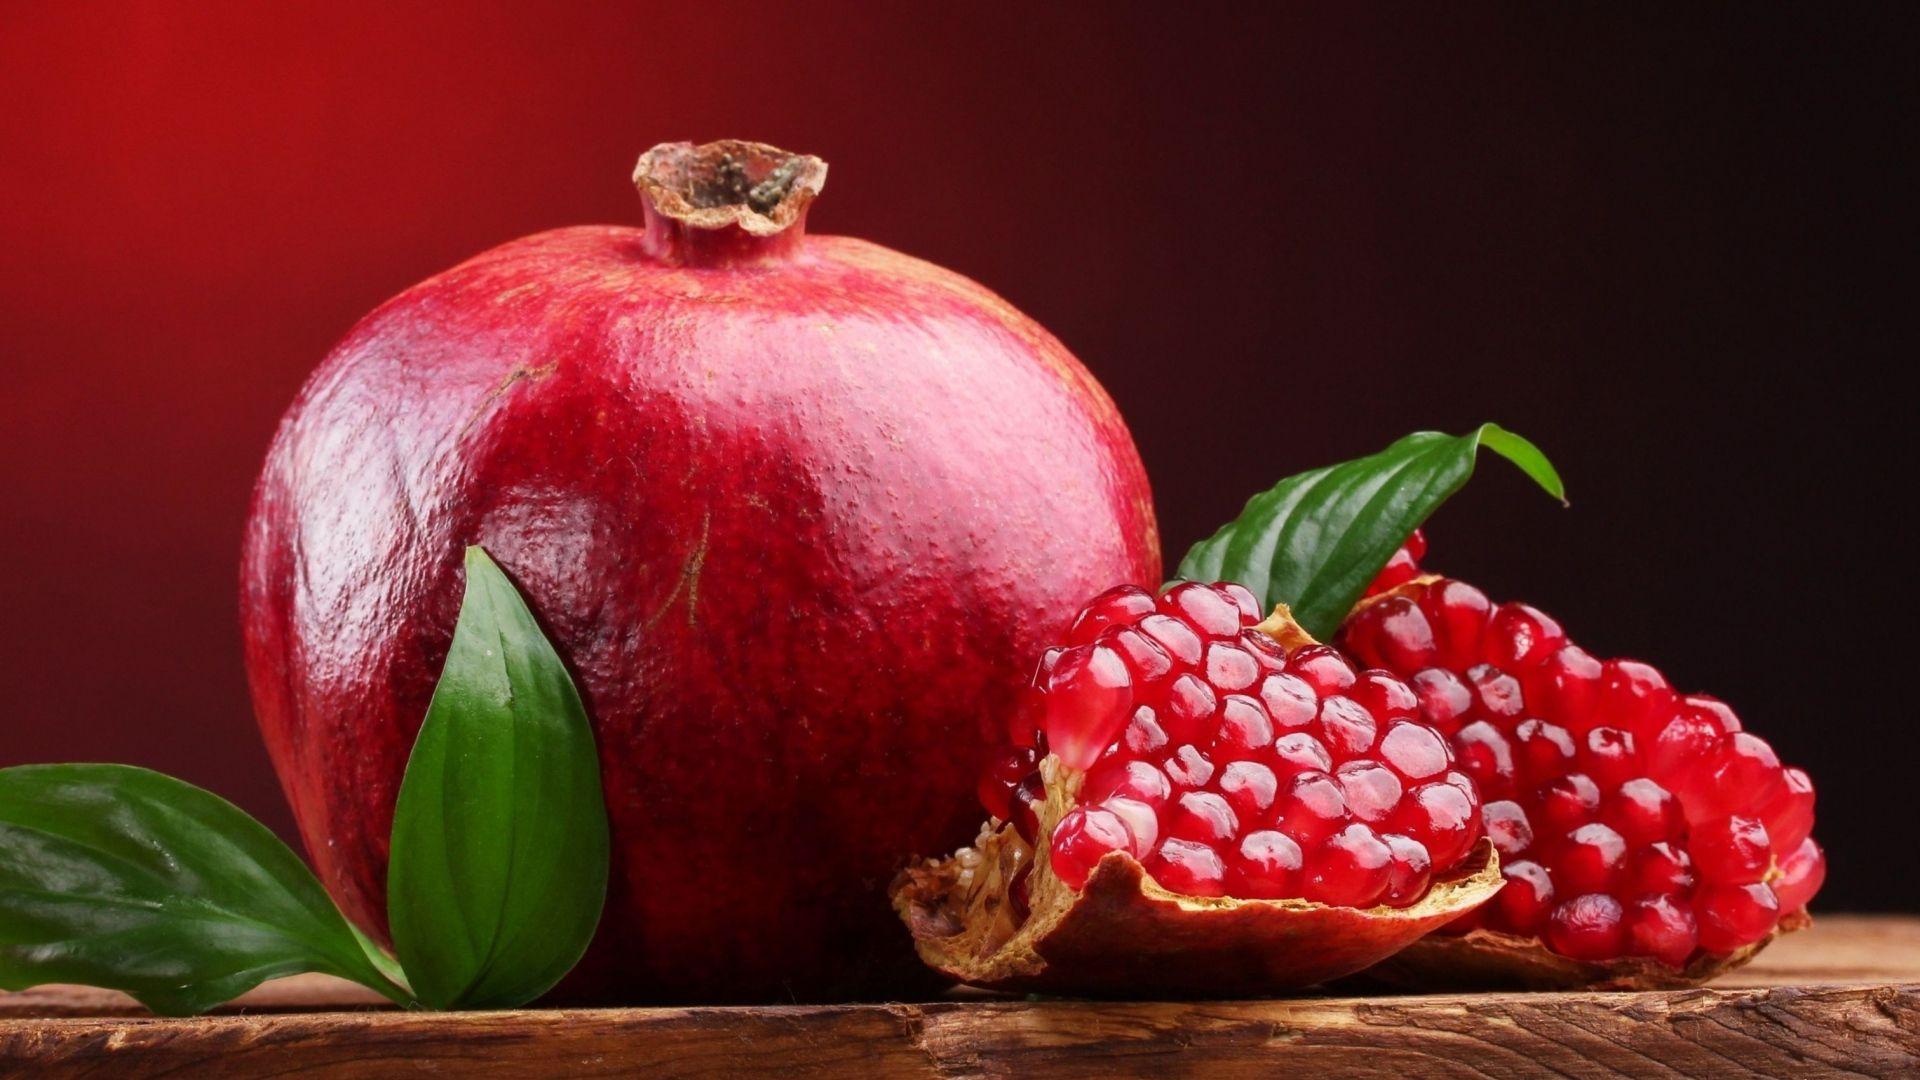 Akdeniz ülkelerinin önemli meyve türlerinden olan nar (Punicagranatum L.); bilinen en eski meyve türlerinden olup, yetiştiricilik geçmişinin M.Ö. 3000 yıl öncesine kadar dayandığı belirtilmektedir.